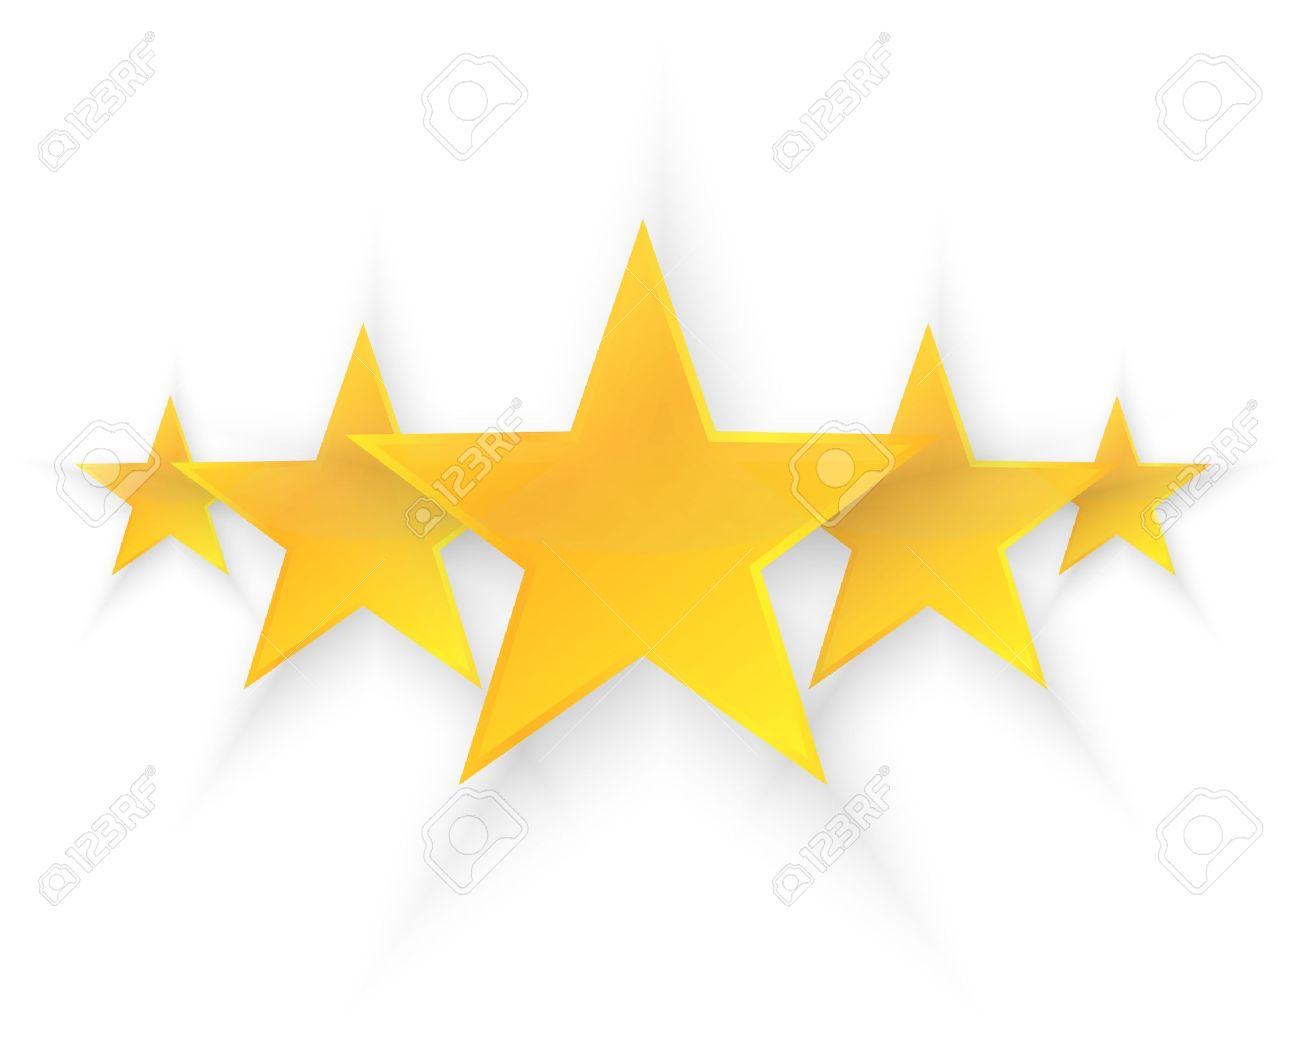 5 つ星品質のイラストのイラスト素材・ベクタ - Image 19261120.